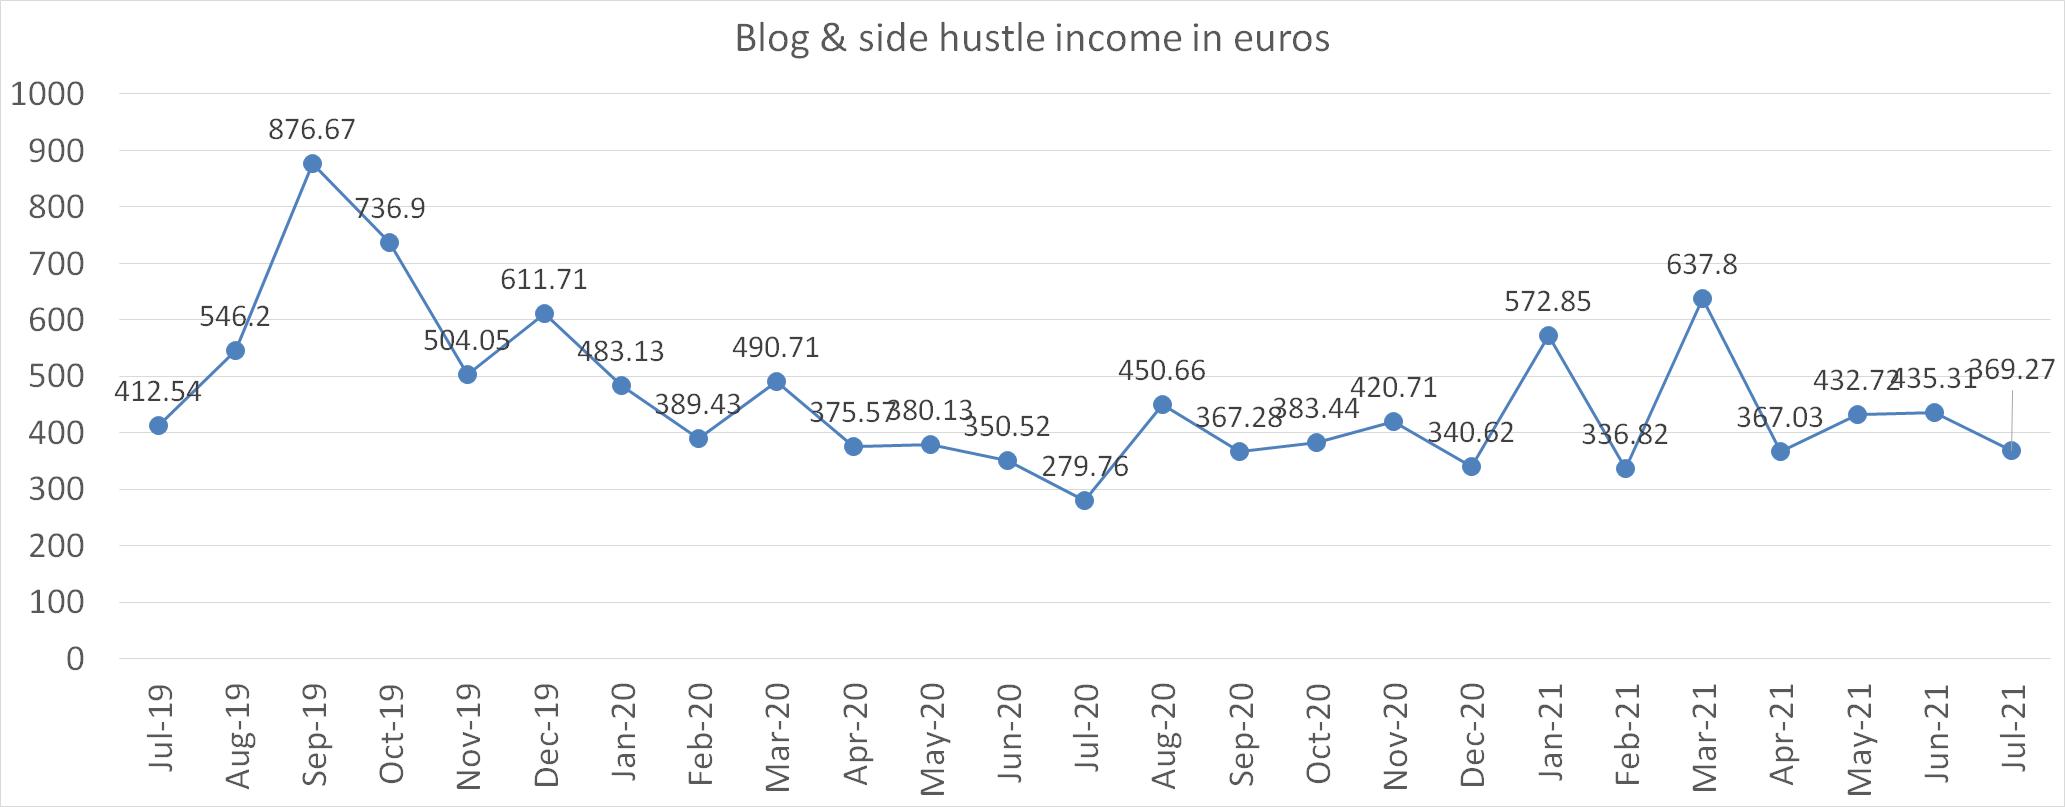 Blog & side hustles income in july 2021